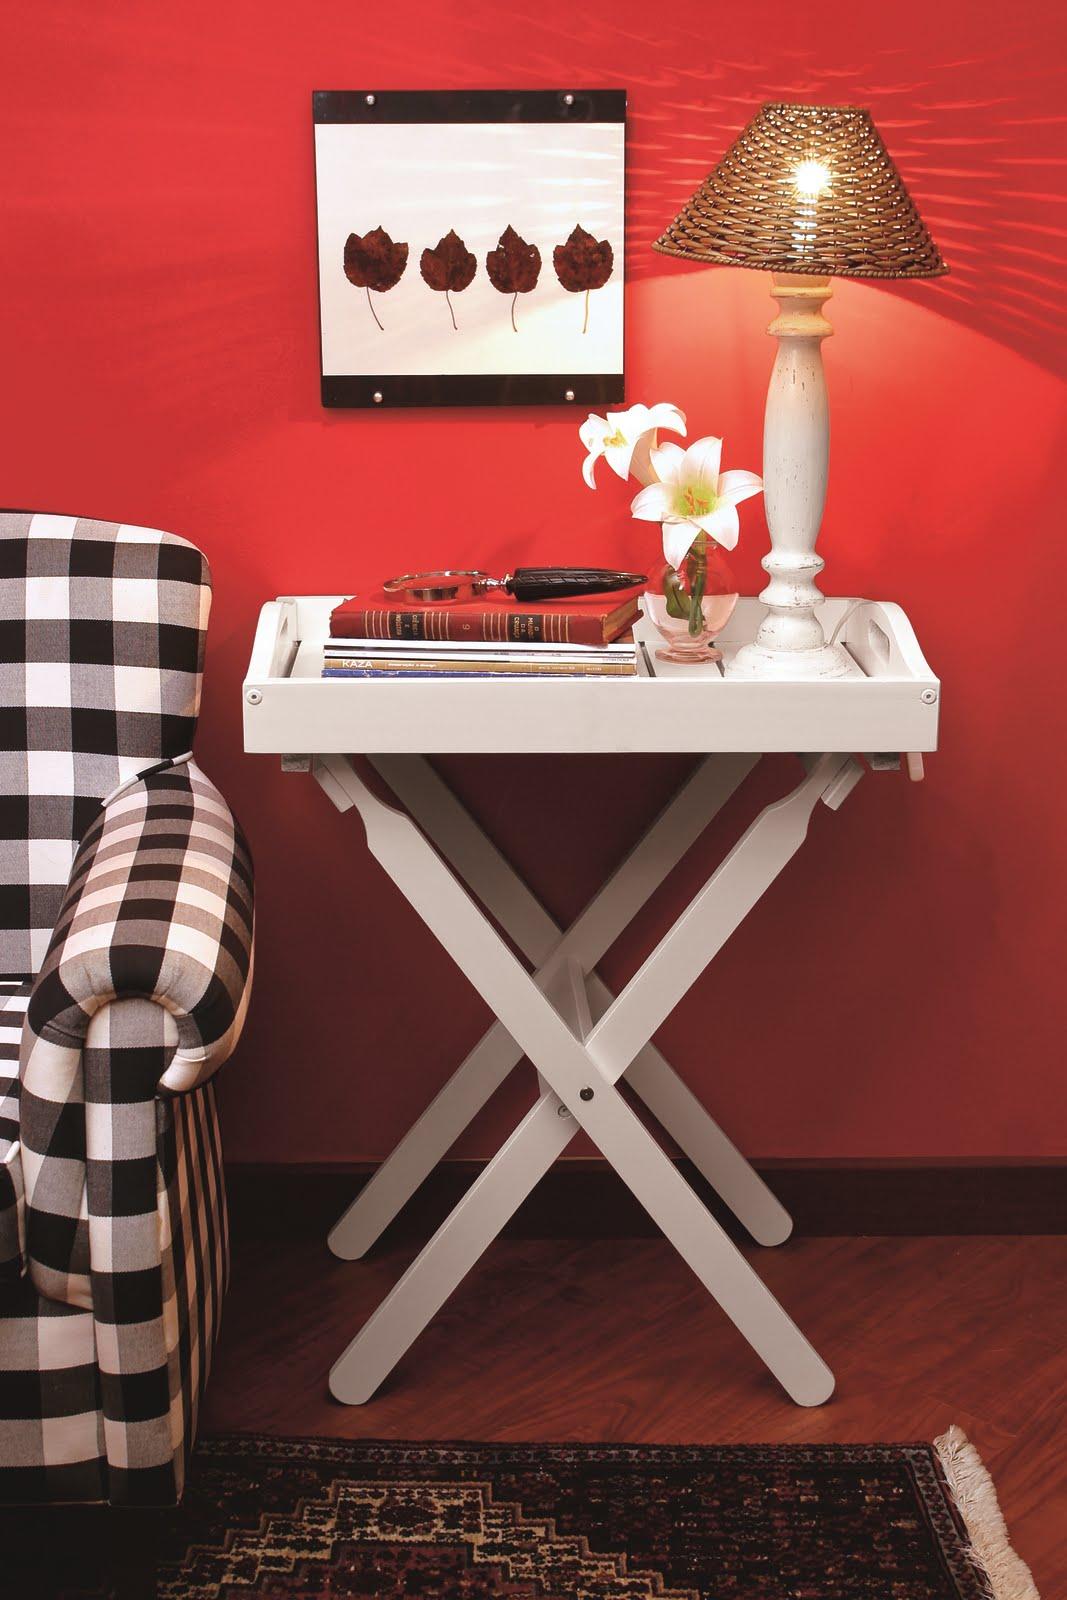 Butzke Móveis para o Lazer: As cores da casa e seus significados #A72524 1067 1600